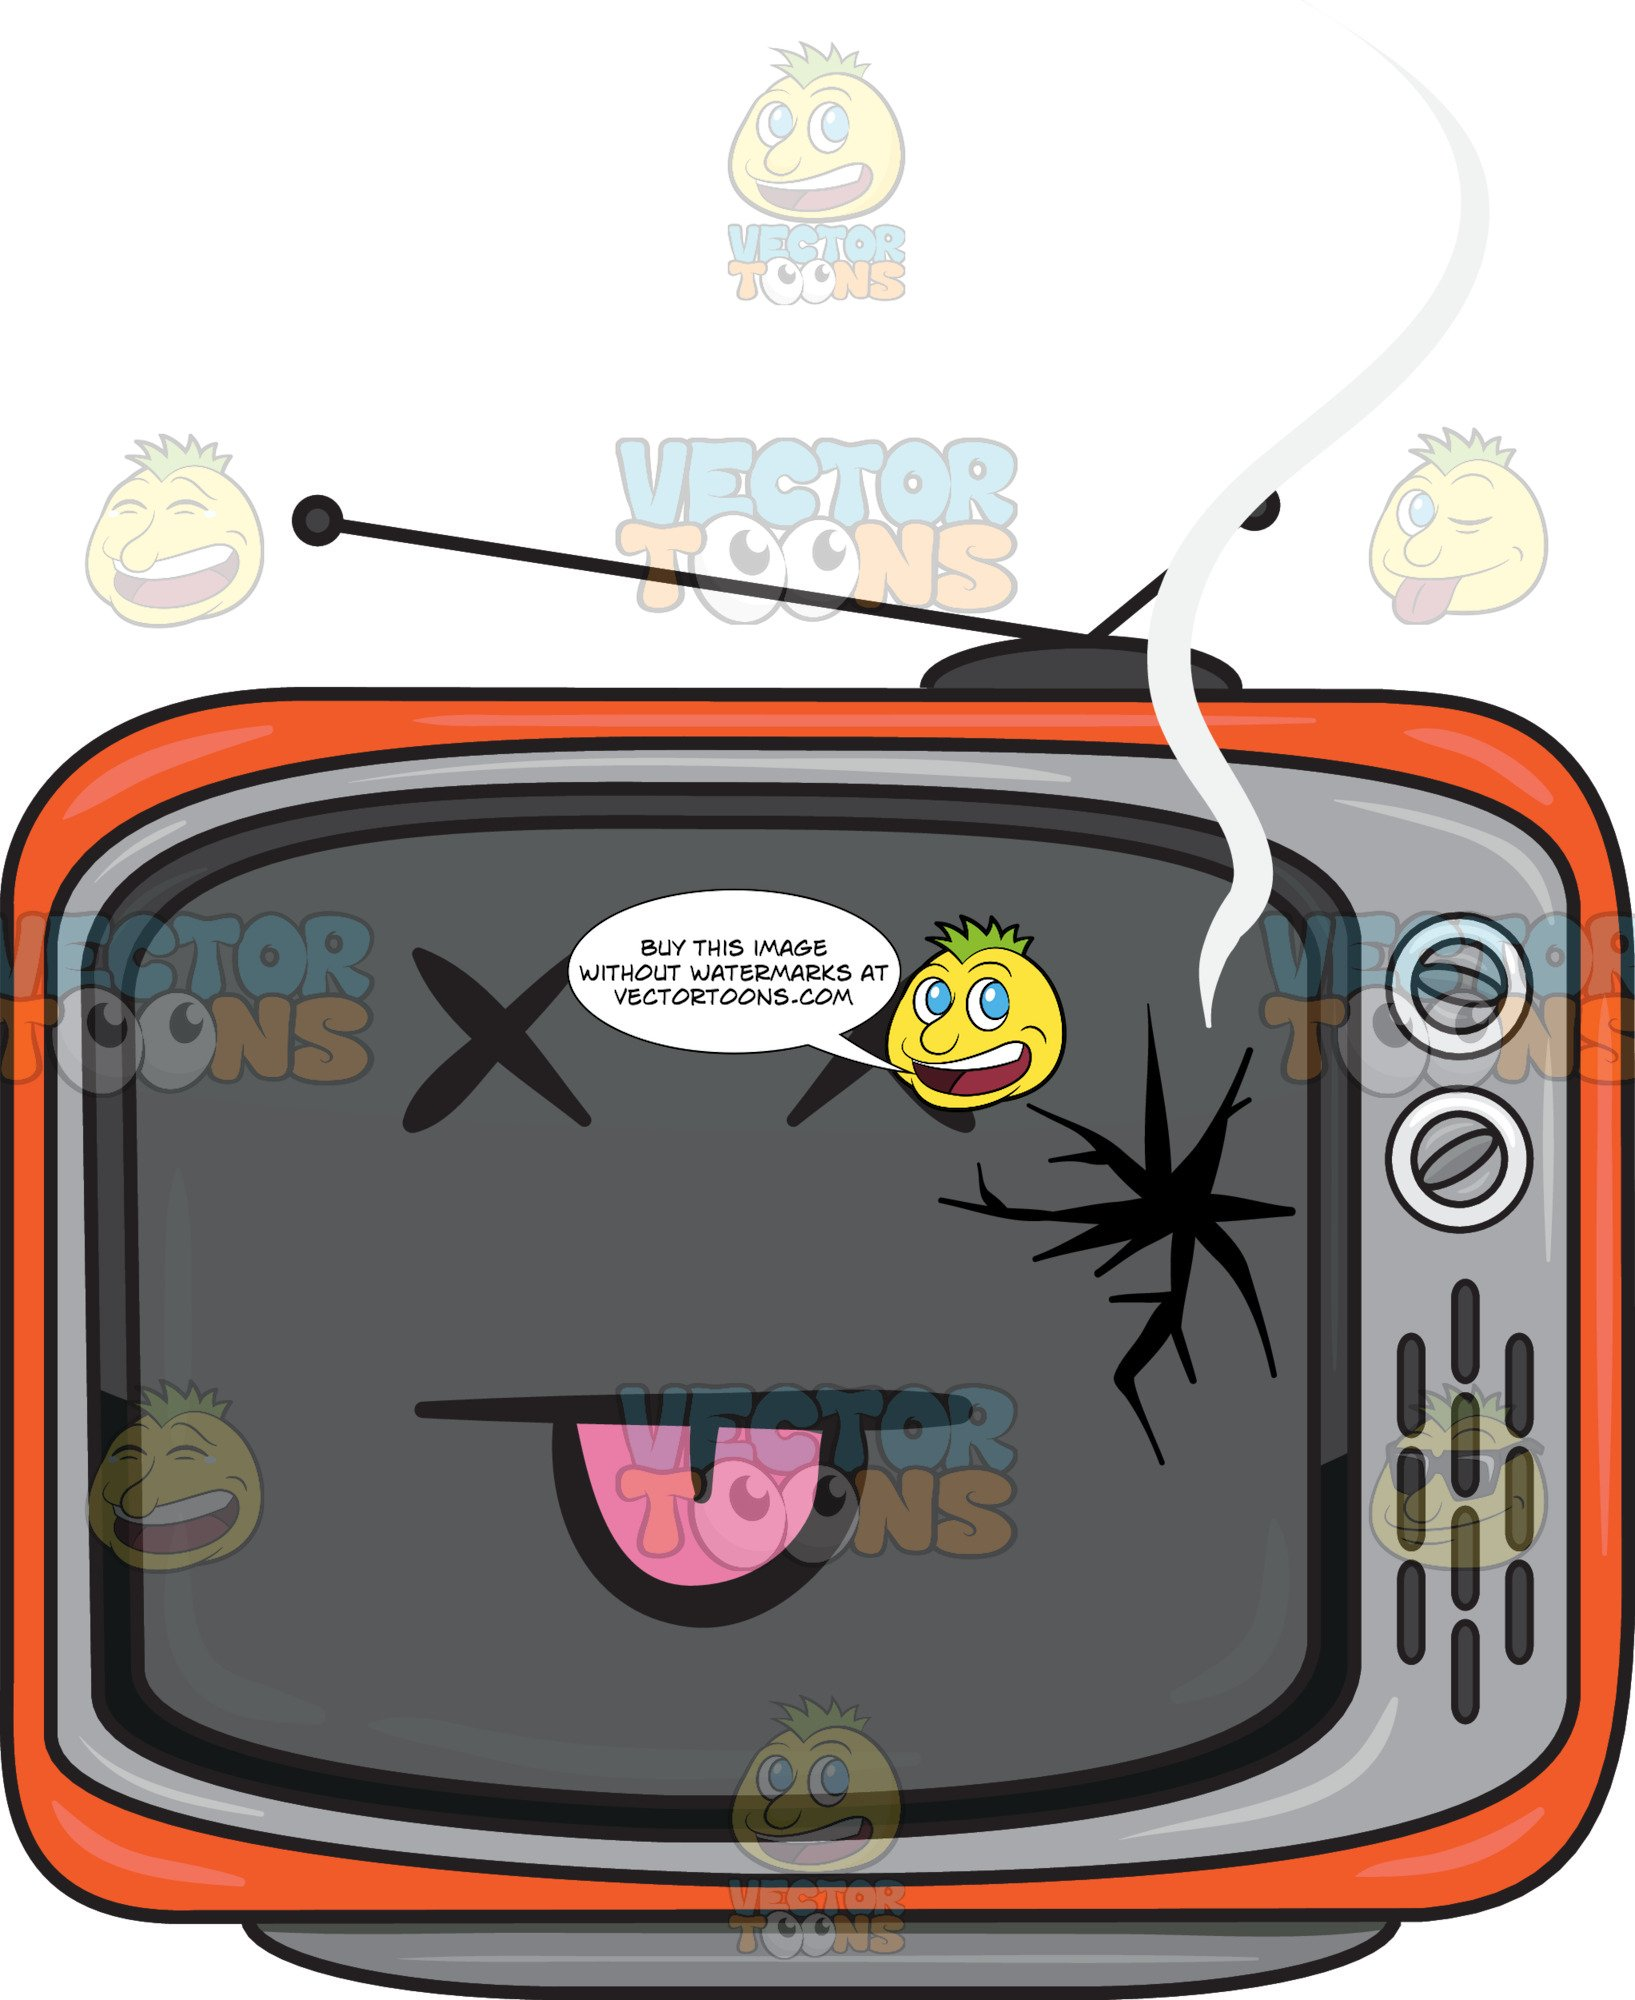 A Broken Retro Tv Set.